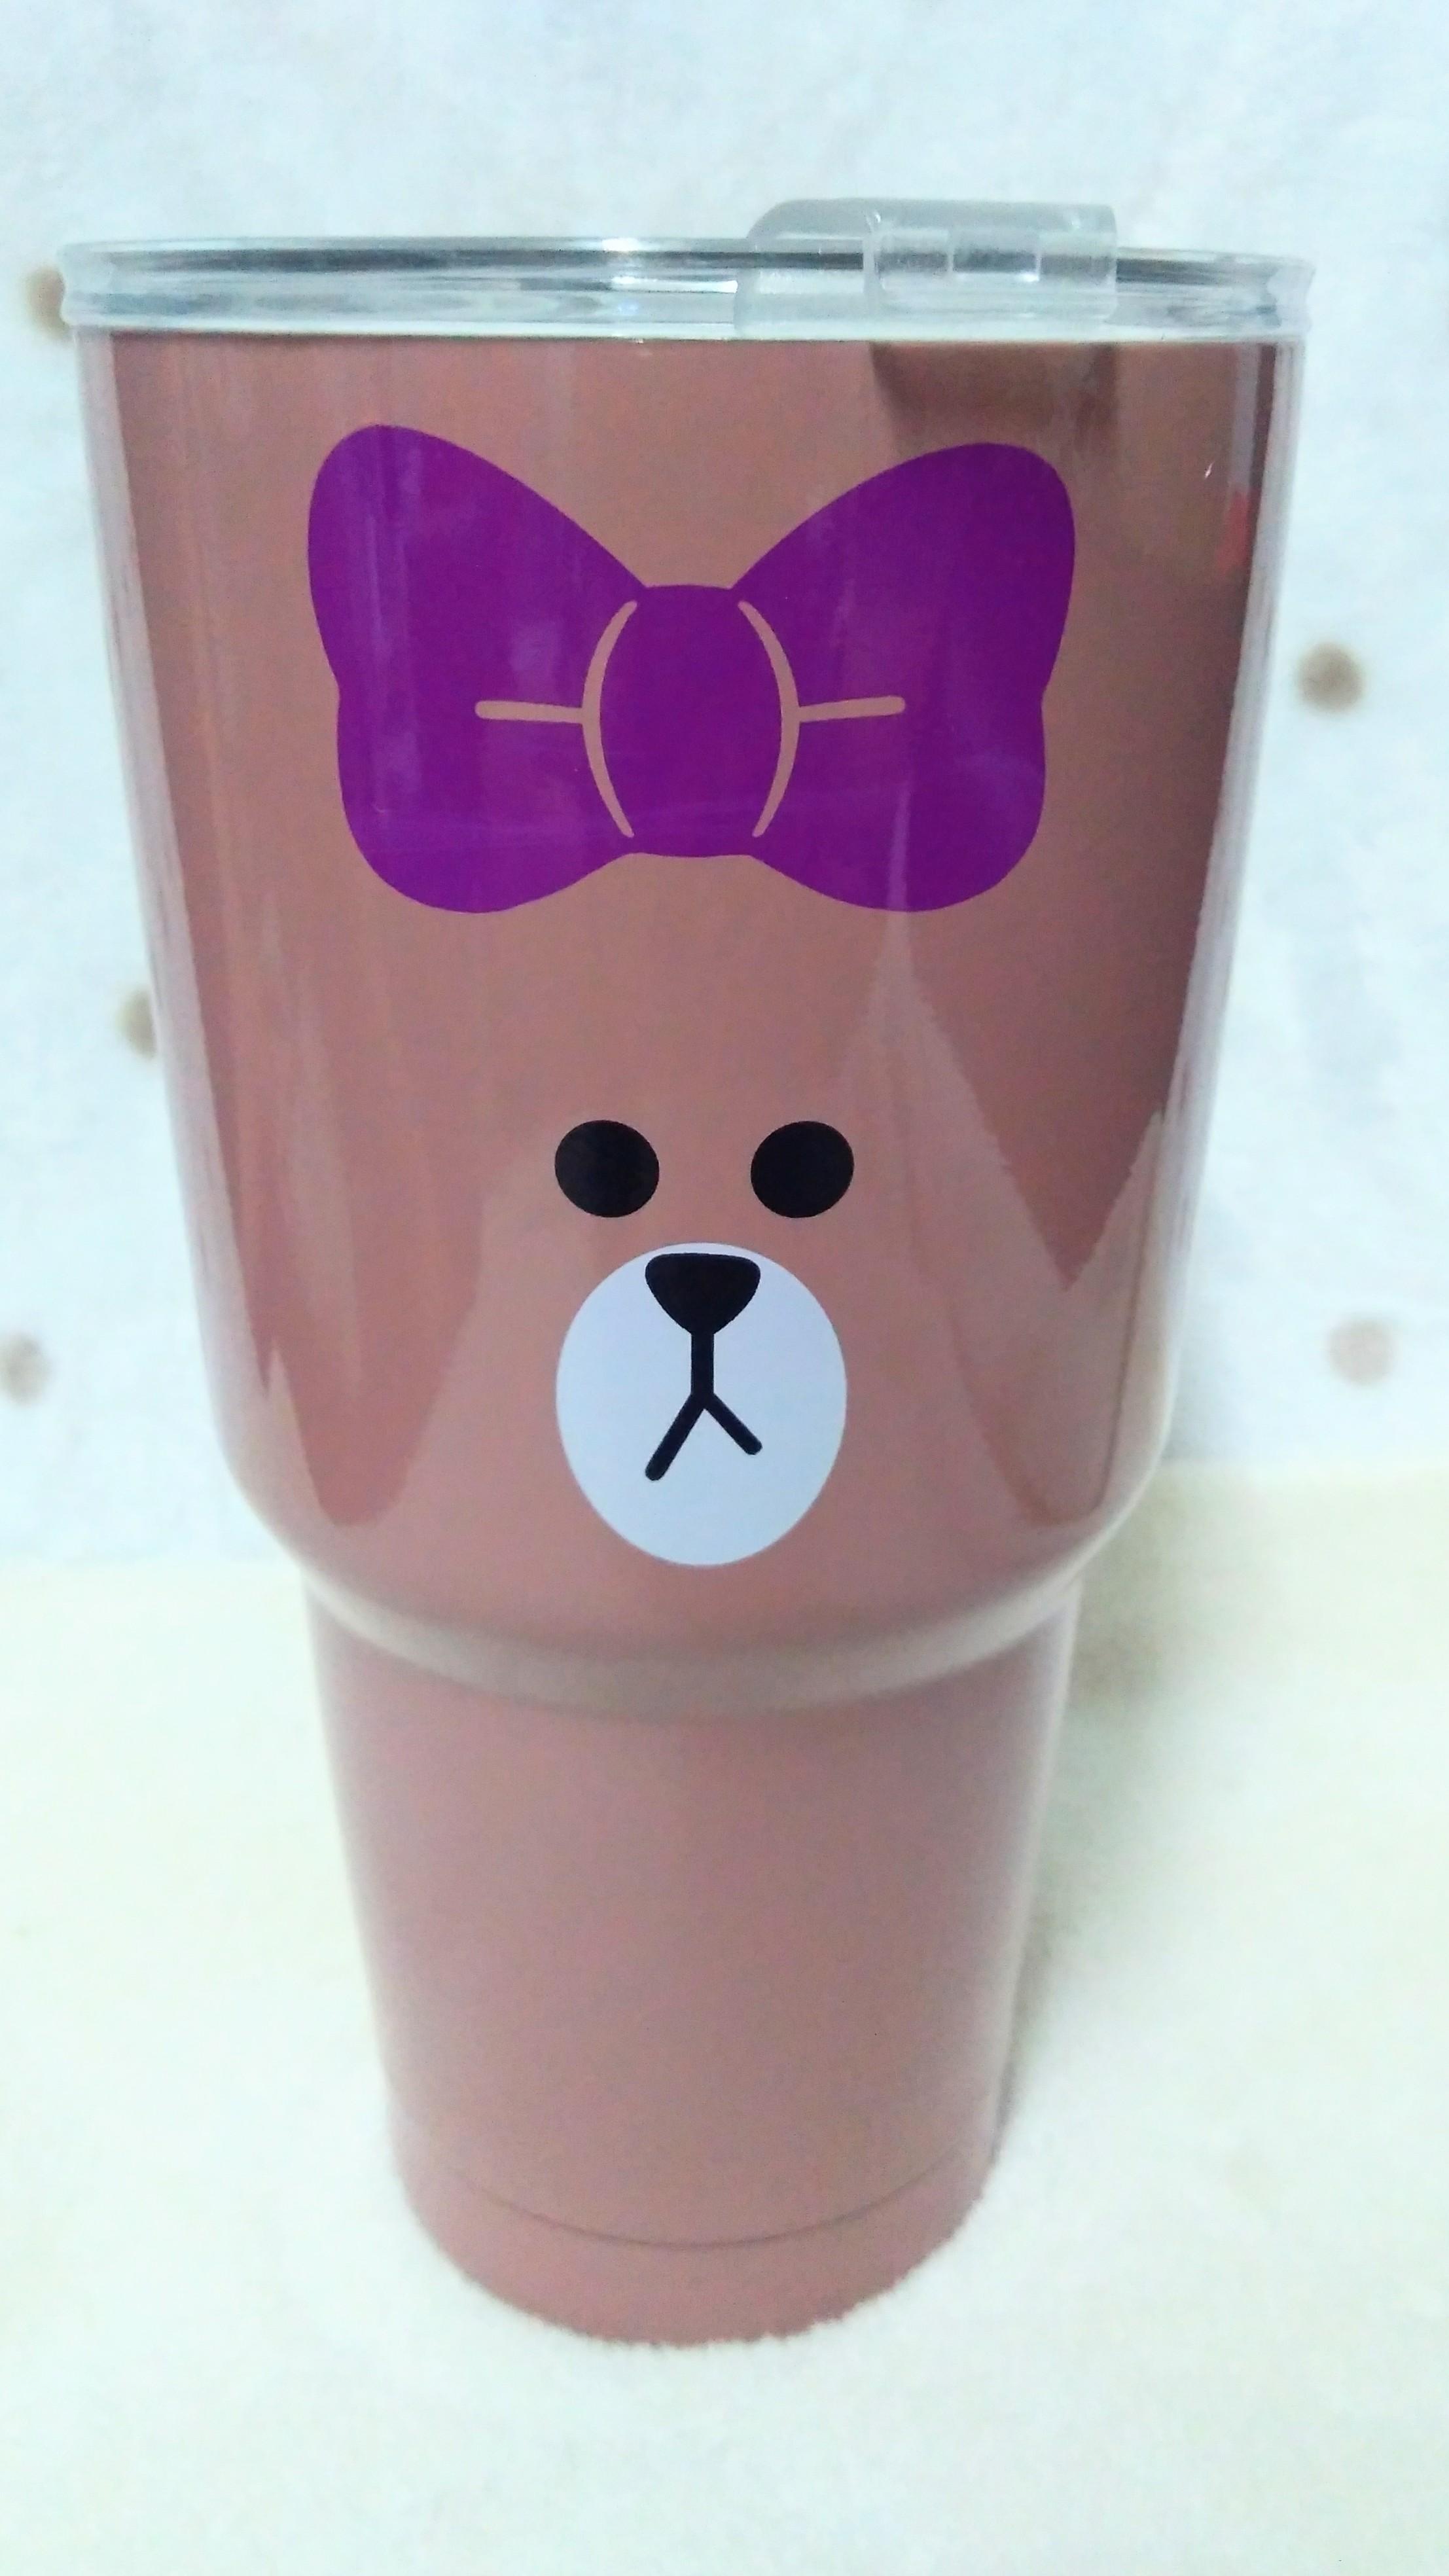 แก้ว yeti ลายหมีบราวน์